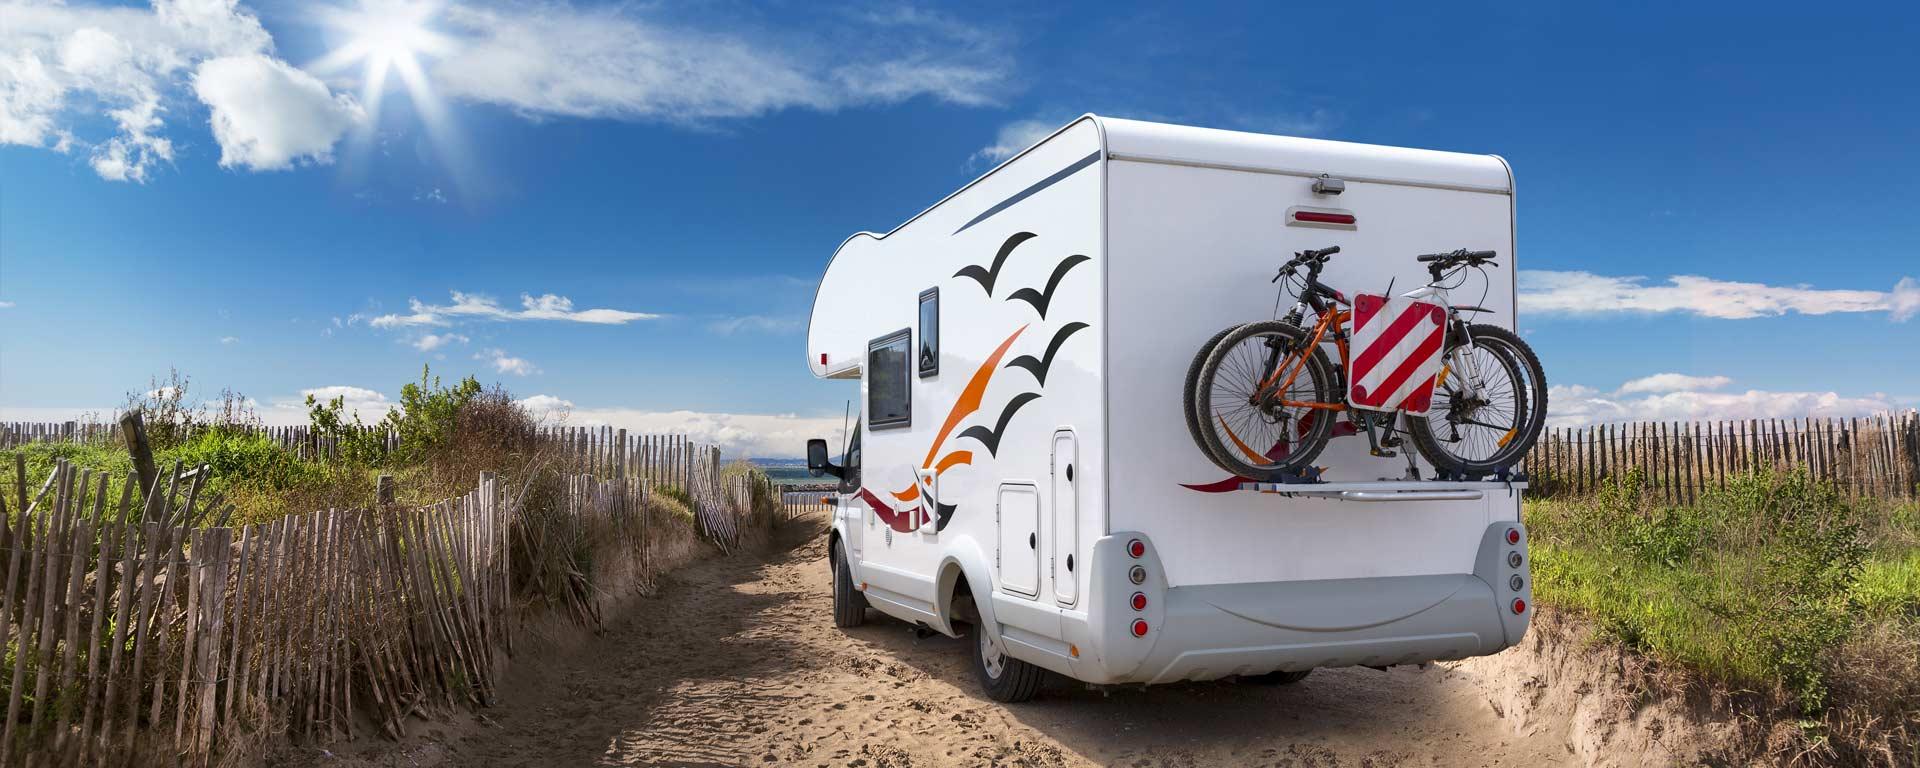 Nîmes, Alès et dans les environs, réparation et entretien à domicile de votre véhicule de loisirs